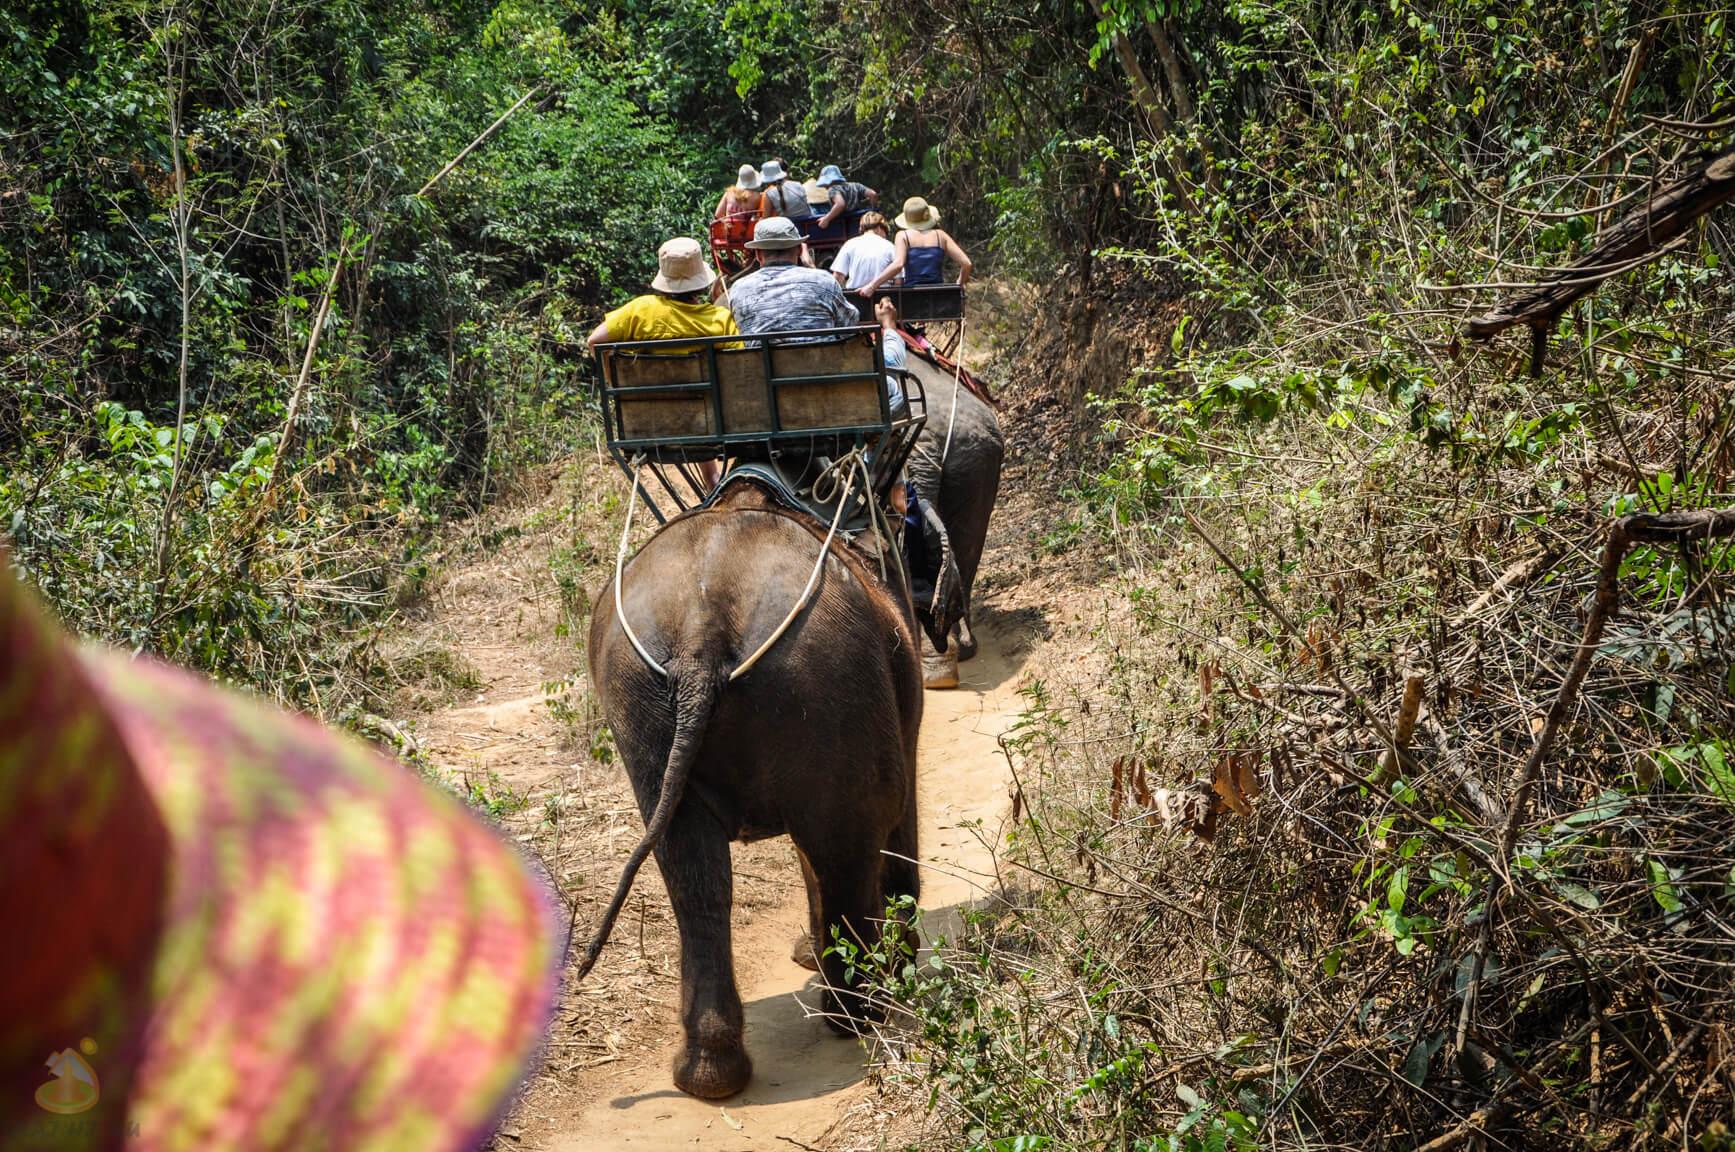 Катание на слонах в деревне